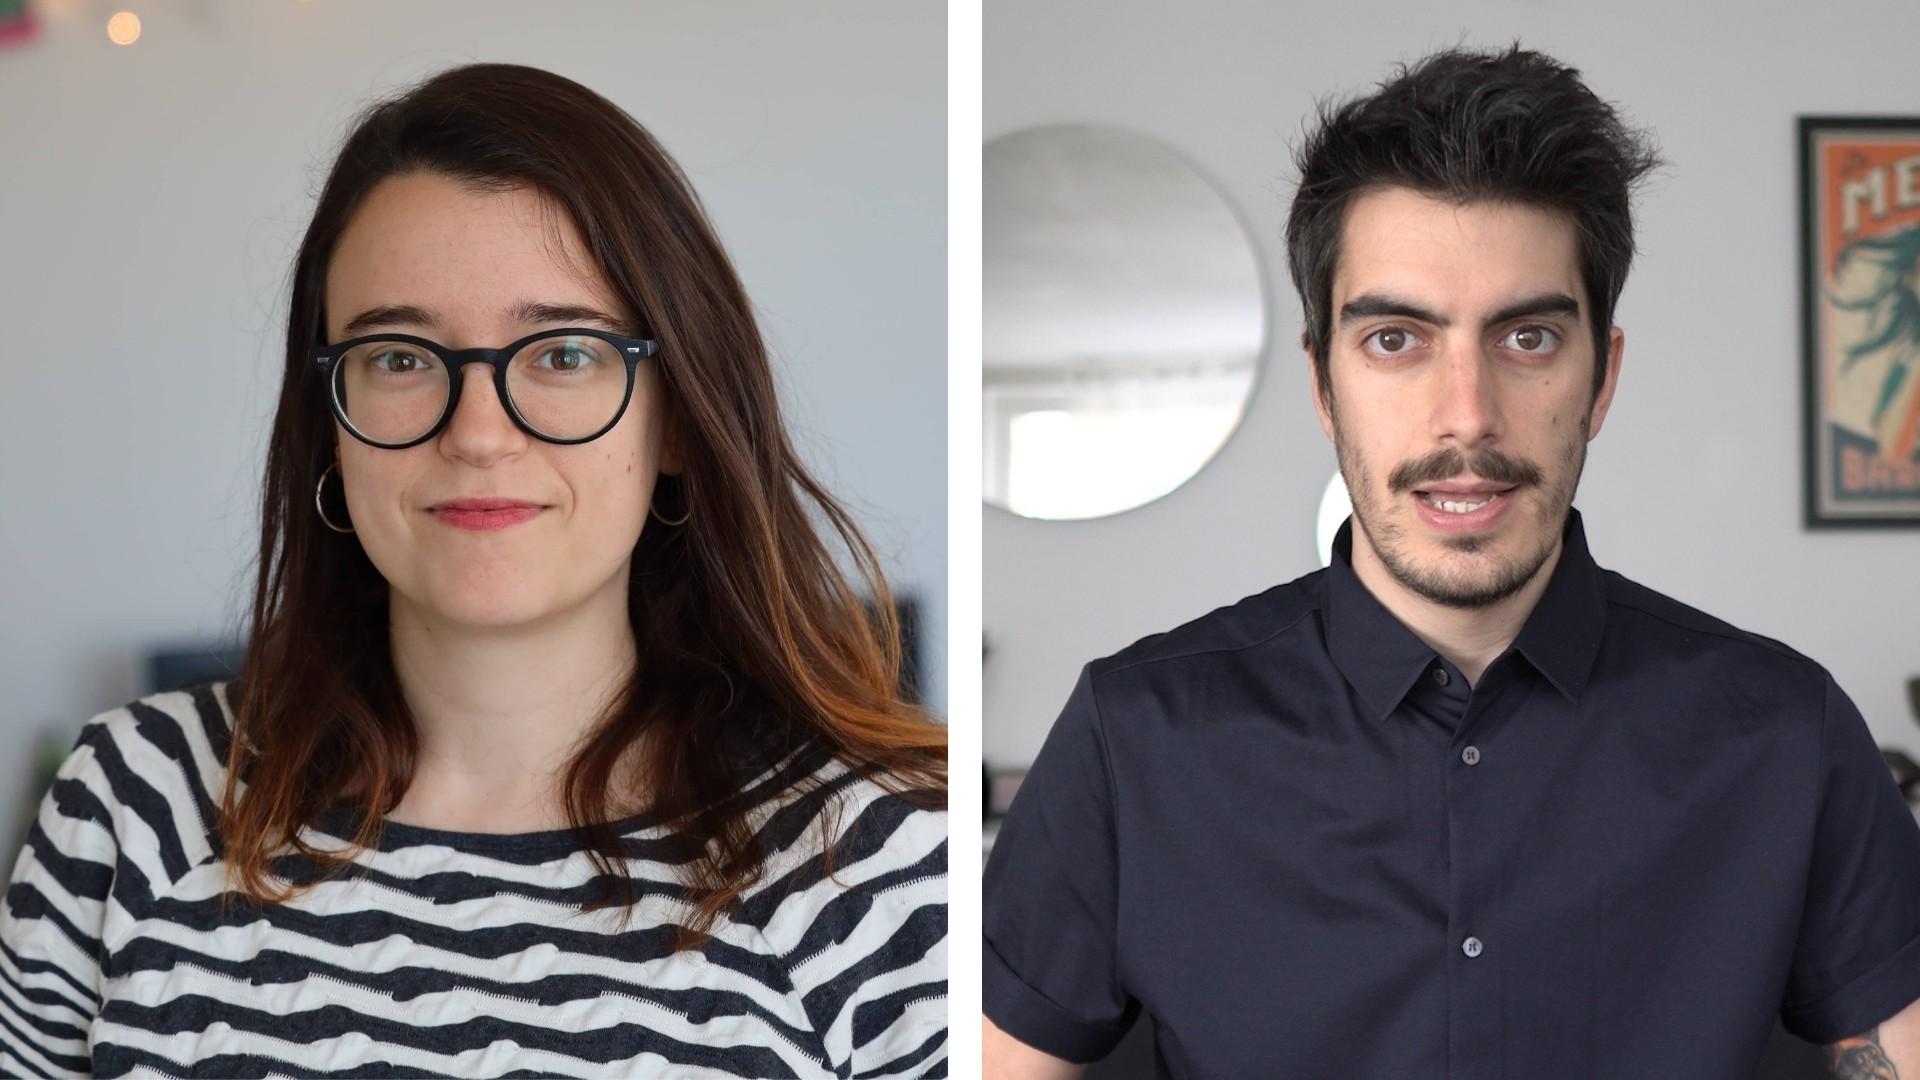 Guanyadors del I Premi a la creació de continguts audiovisuals en català, aranès i llengua de signes catalana (LSC) a les xarxes